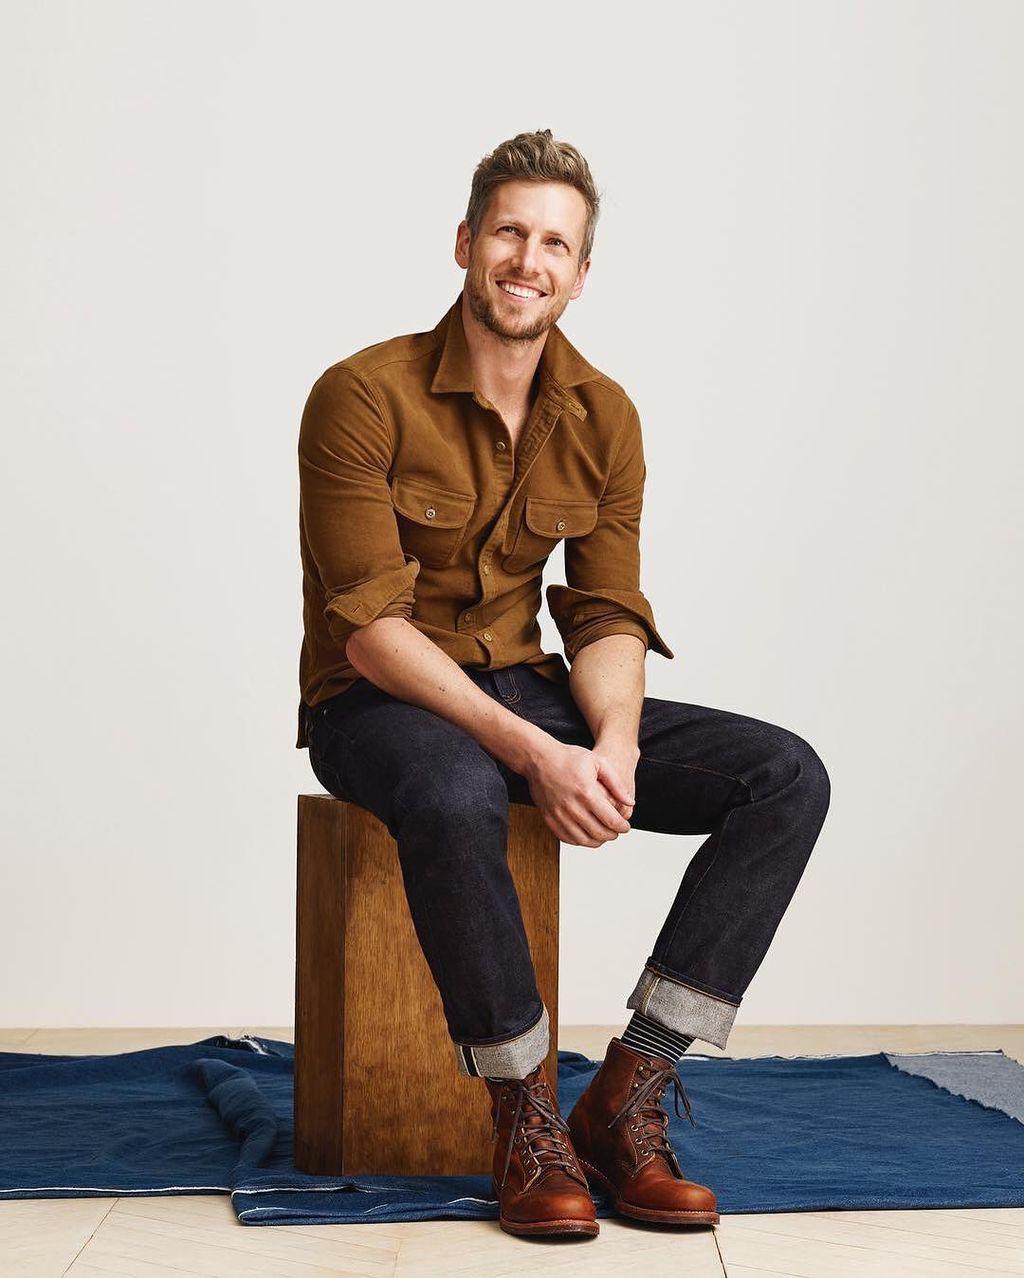 茶のシャツにデニム、ブーツのコーディネートがいい感じ!デニムの裾をあげてボーダーの靴下を見せたり女性受けが良さそうなスタイル。編み上げブーツはコーディネート